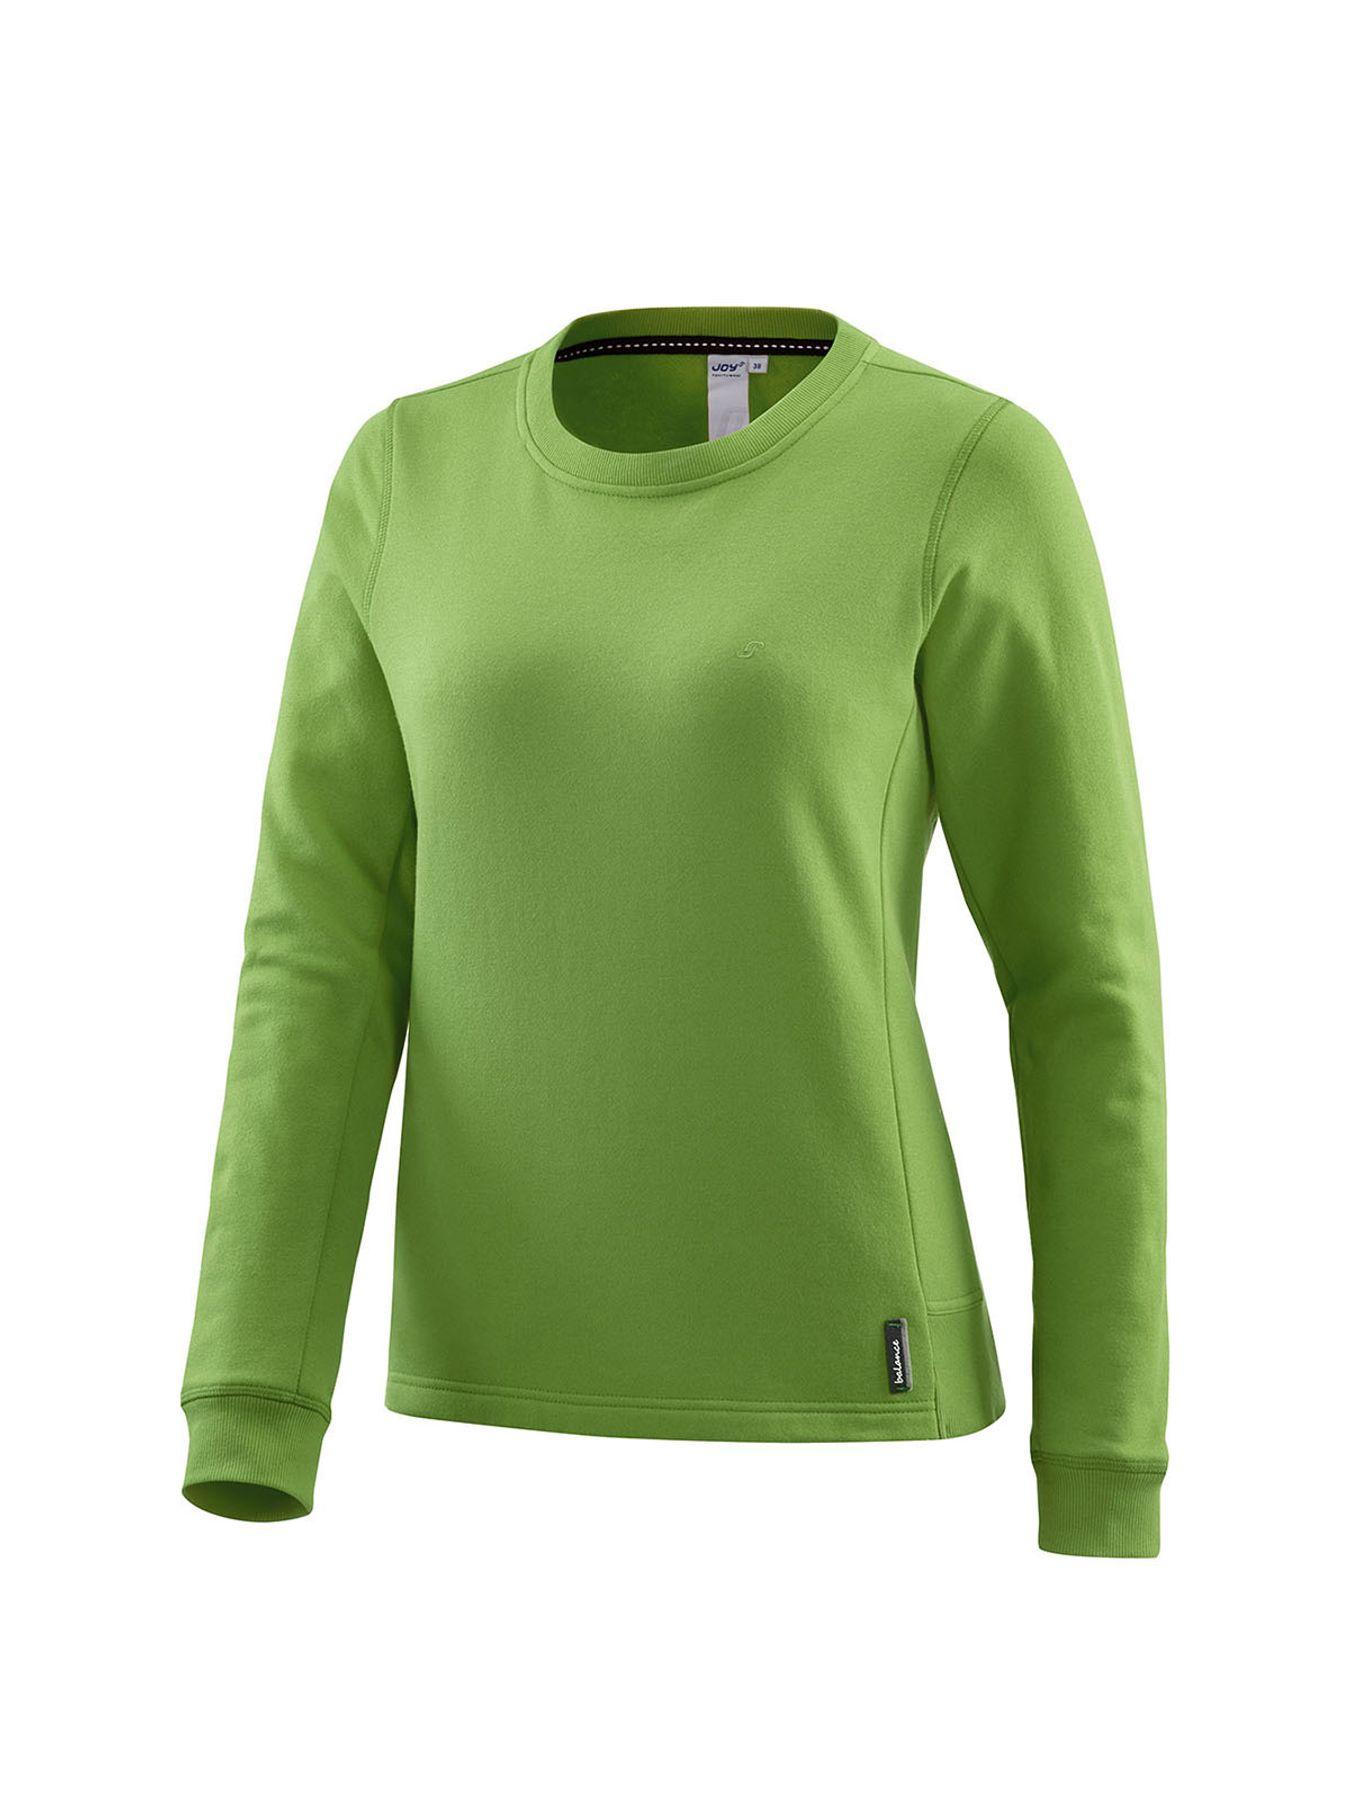 Joy - Damen Sport und Freizeit Sweatshirt in versch. Farben, Cindy (34502 A) – Bild 1